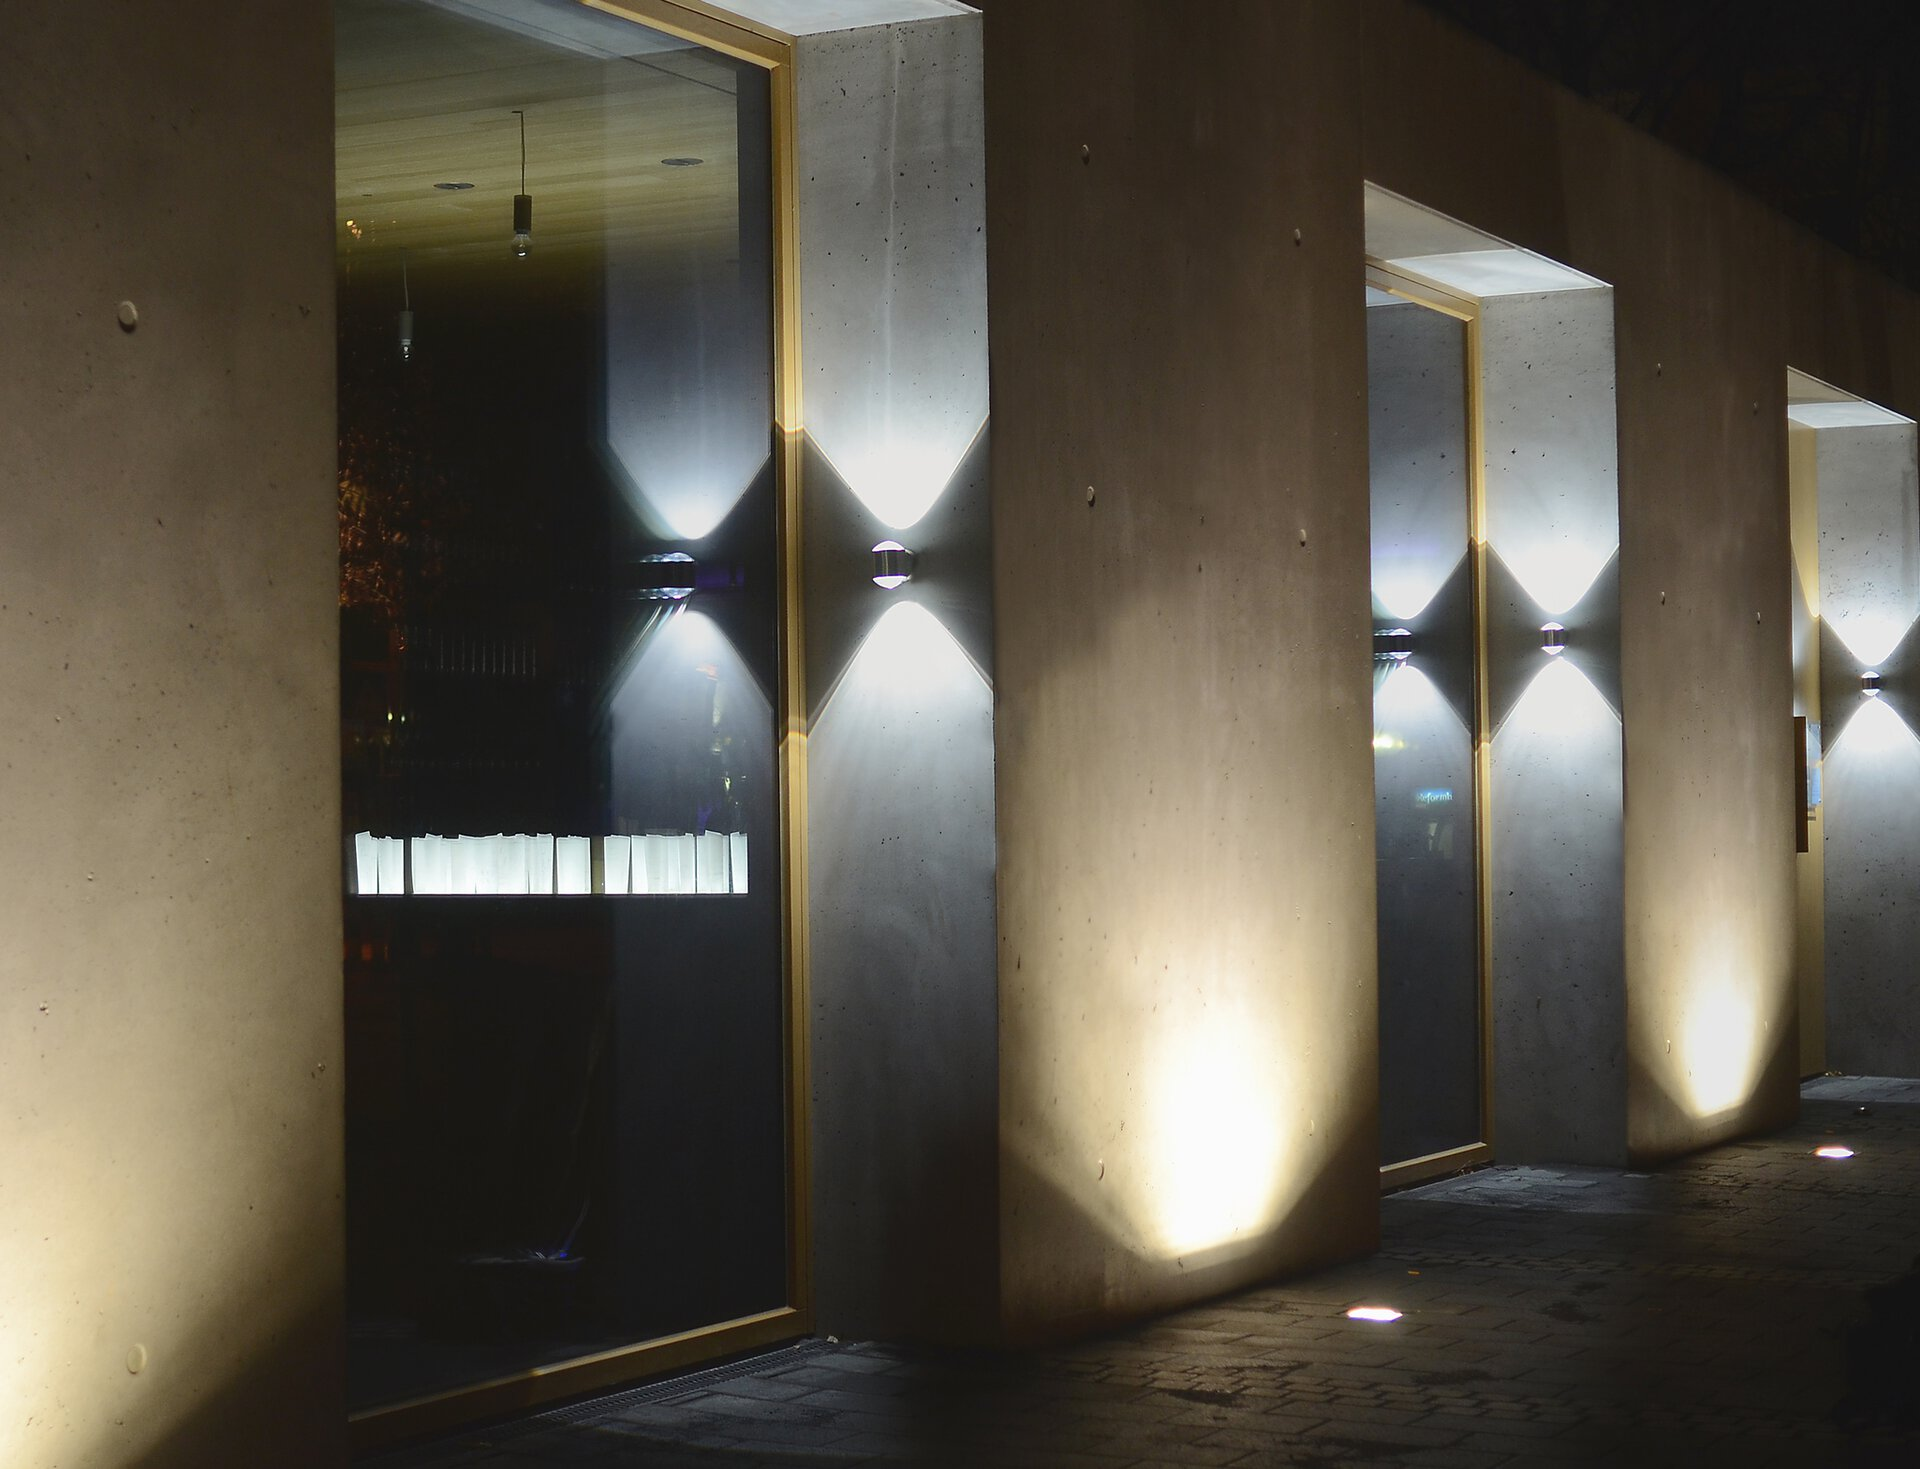 Wand-Aussenleuchte Crystal Eco-Light Metall silber 8 x 10 x 10 cm